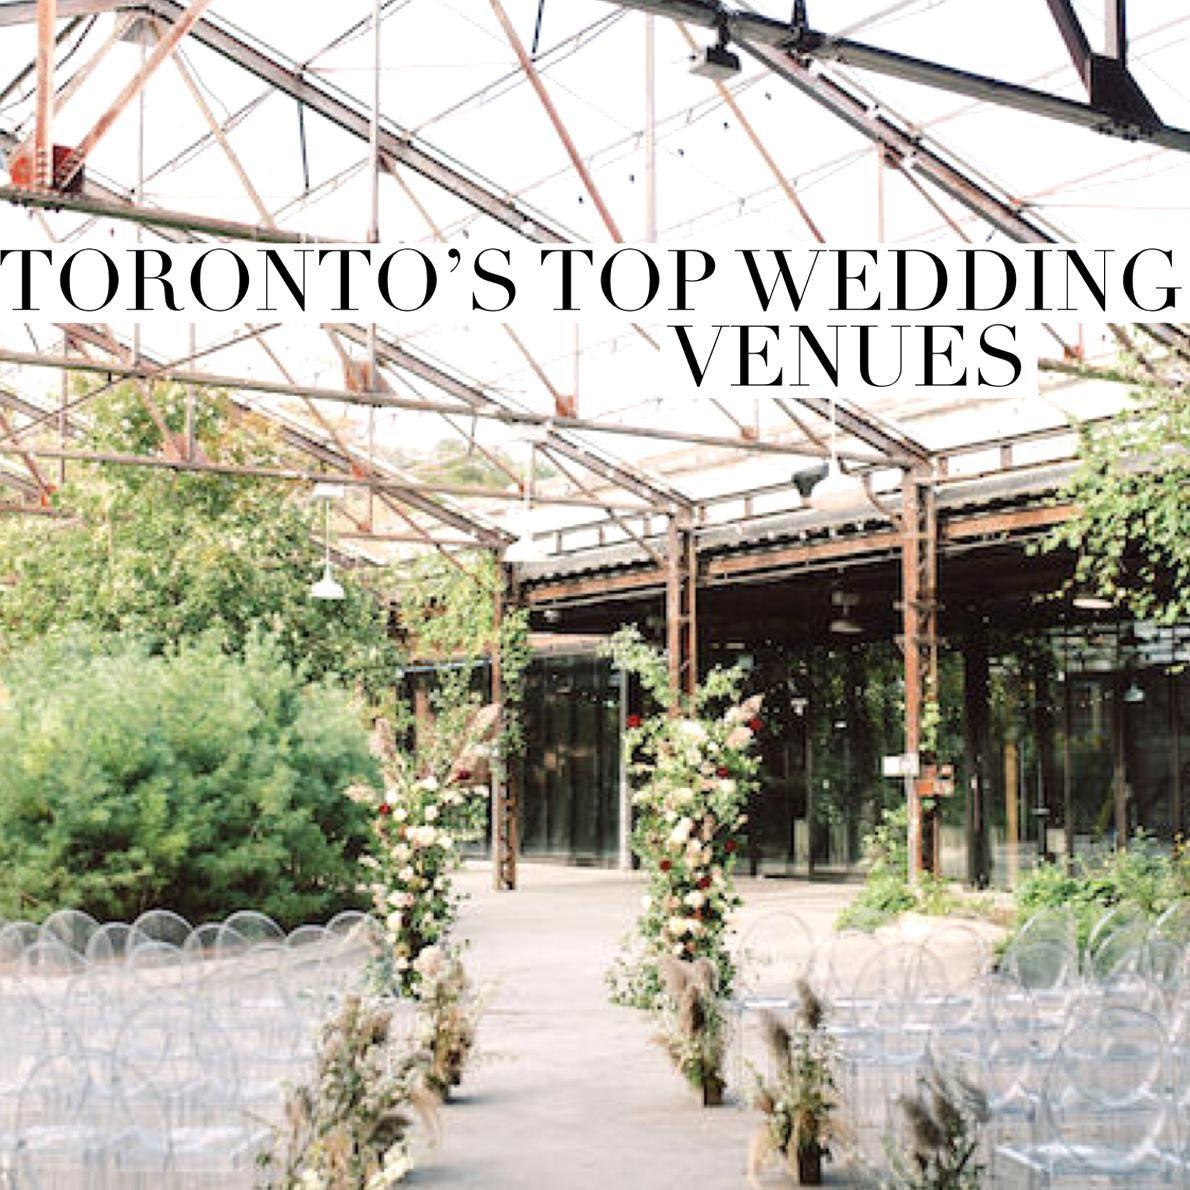 Toronto Wedding Venue In 2020 Wedding Venues Toronto Best Wedding Venues Wedding Venues